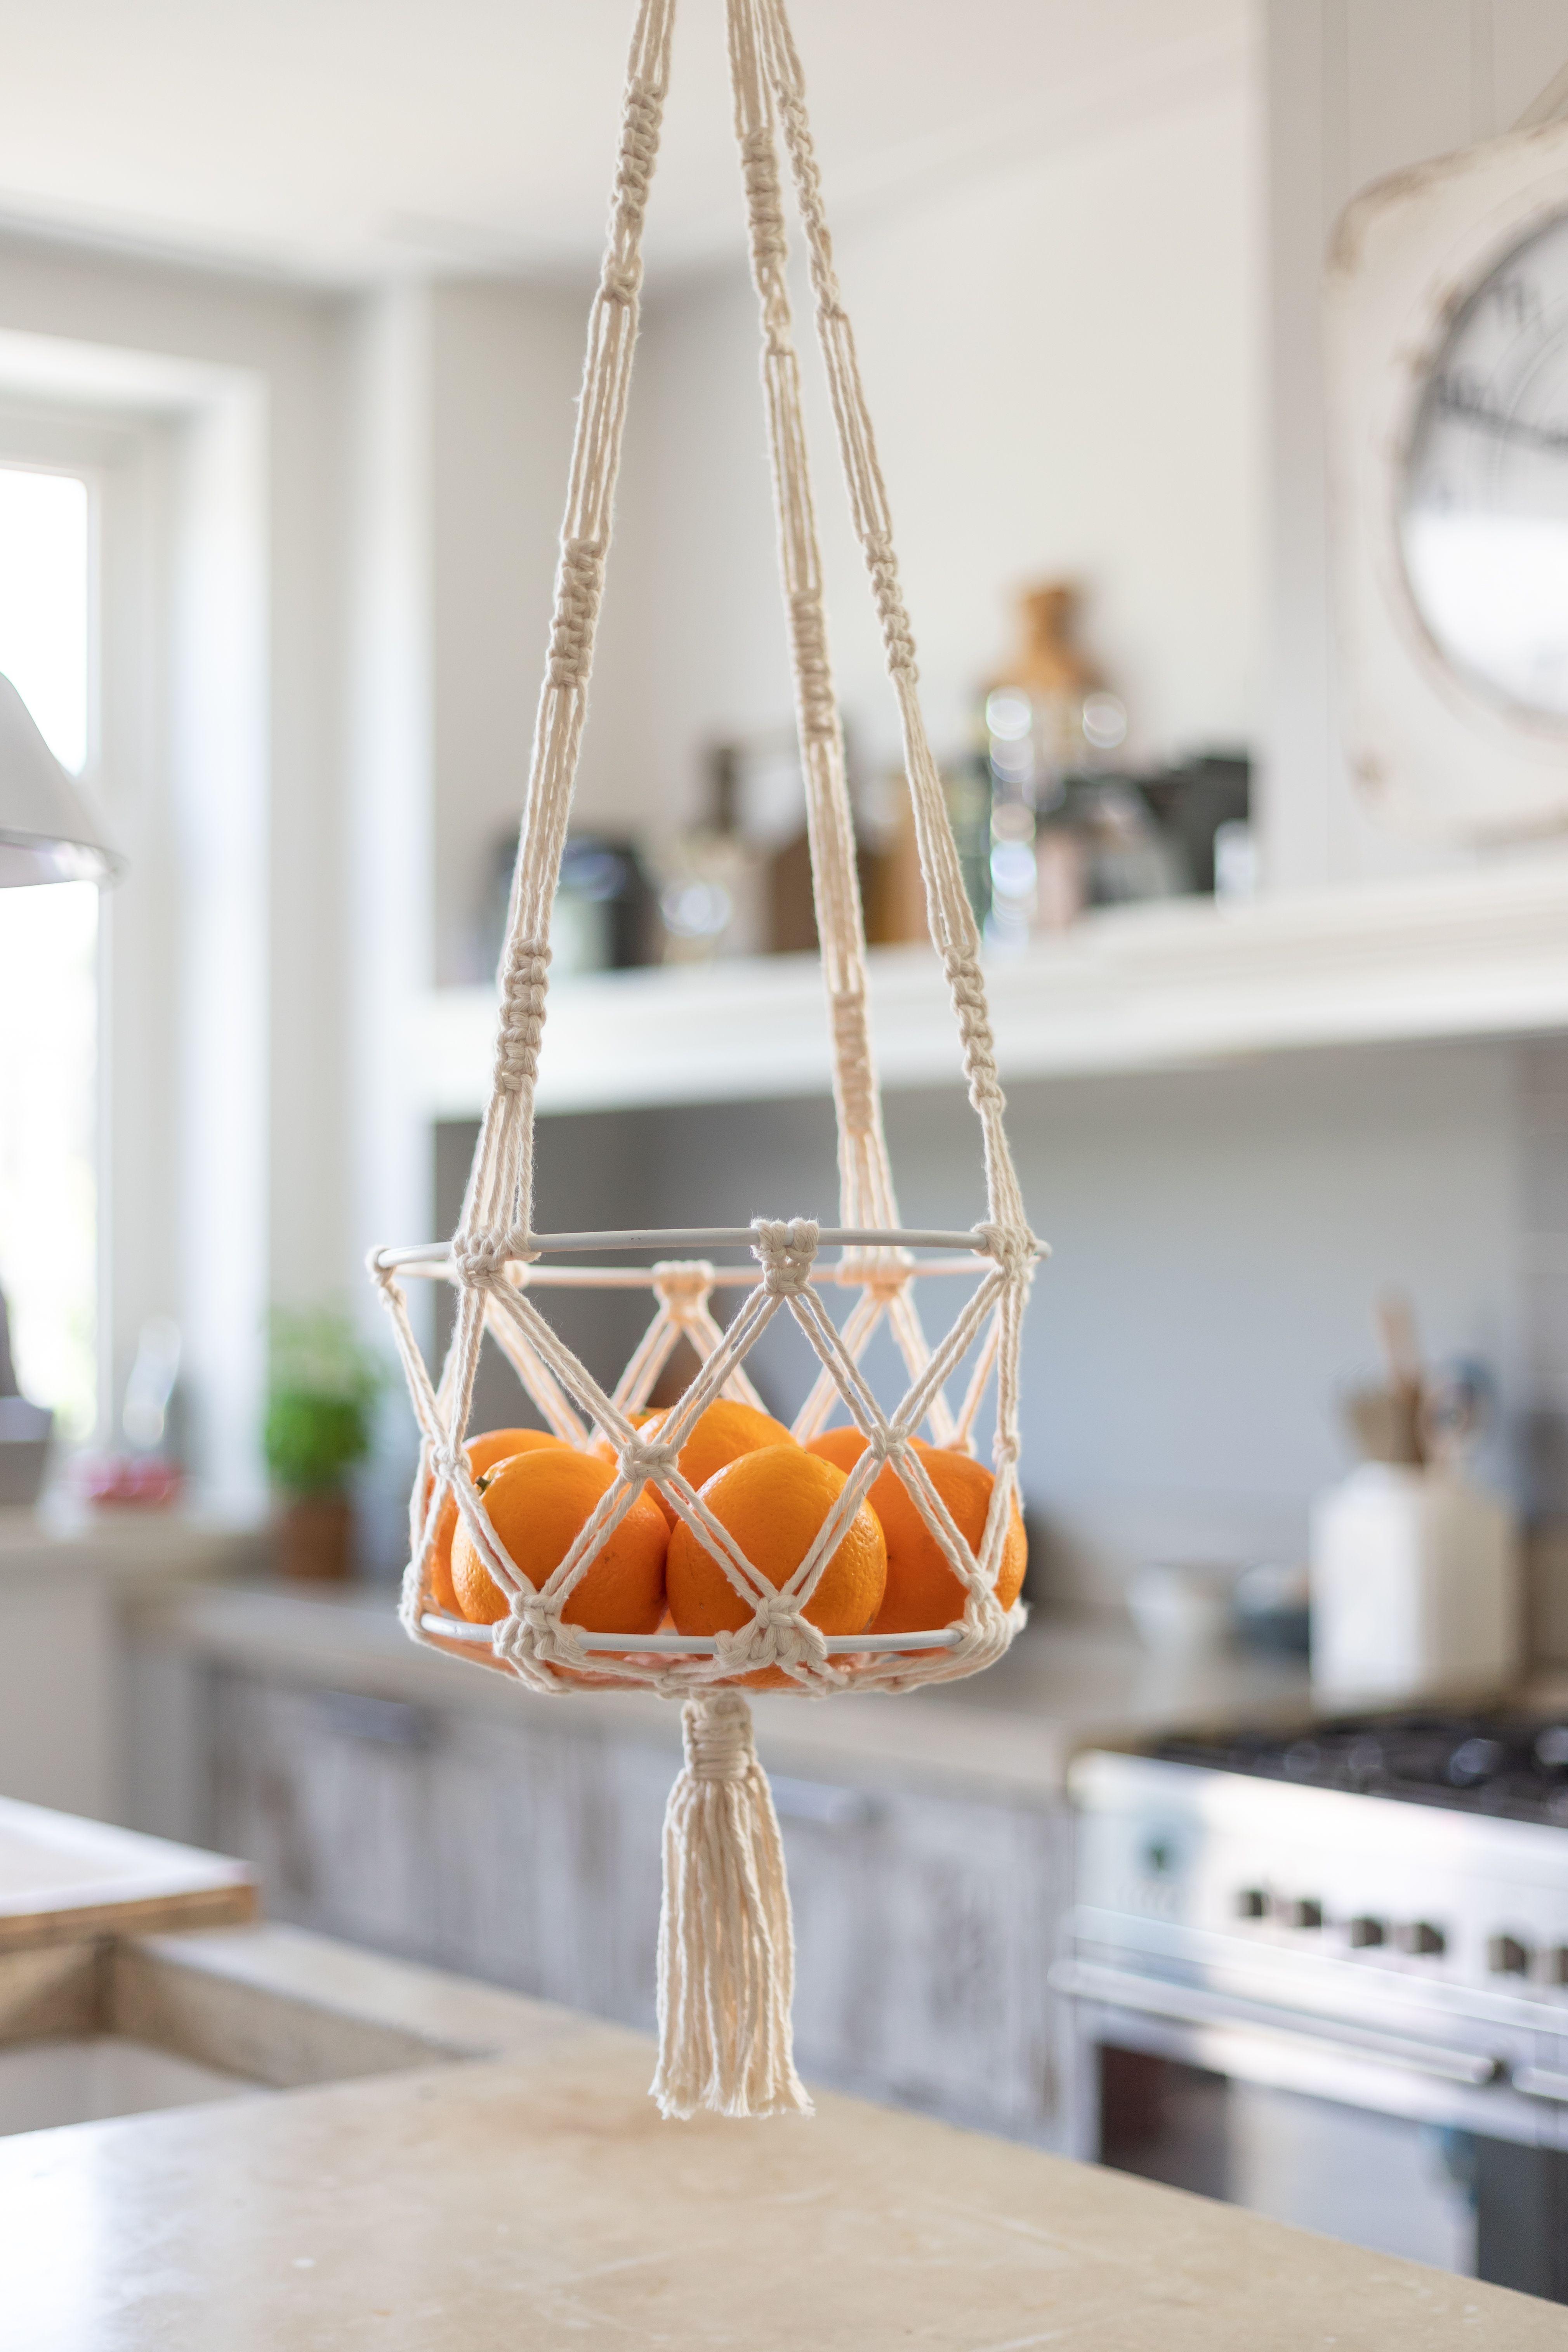 Diy Macrame Pattern Hanging Basket Capri In 2020 Macrame Plant